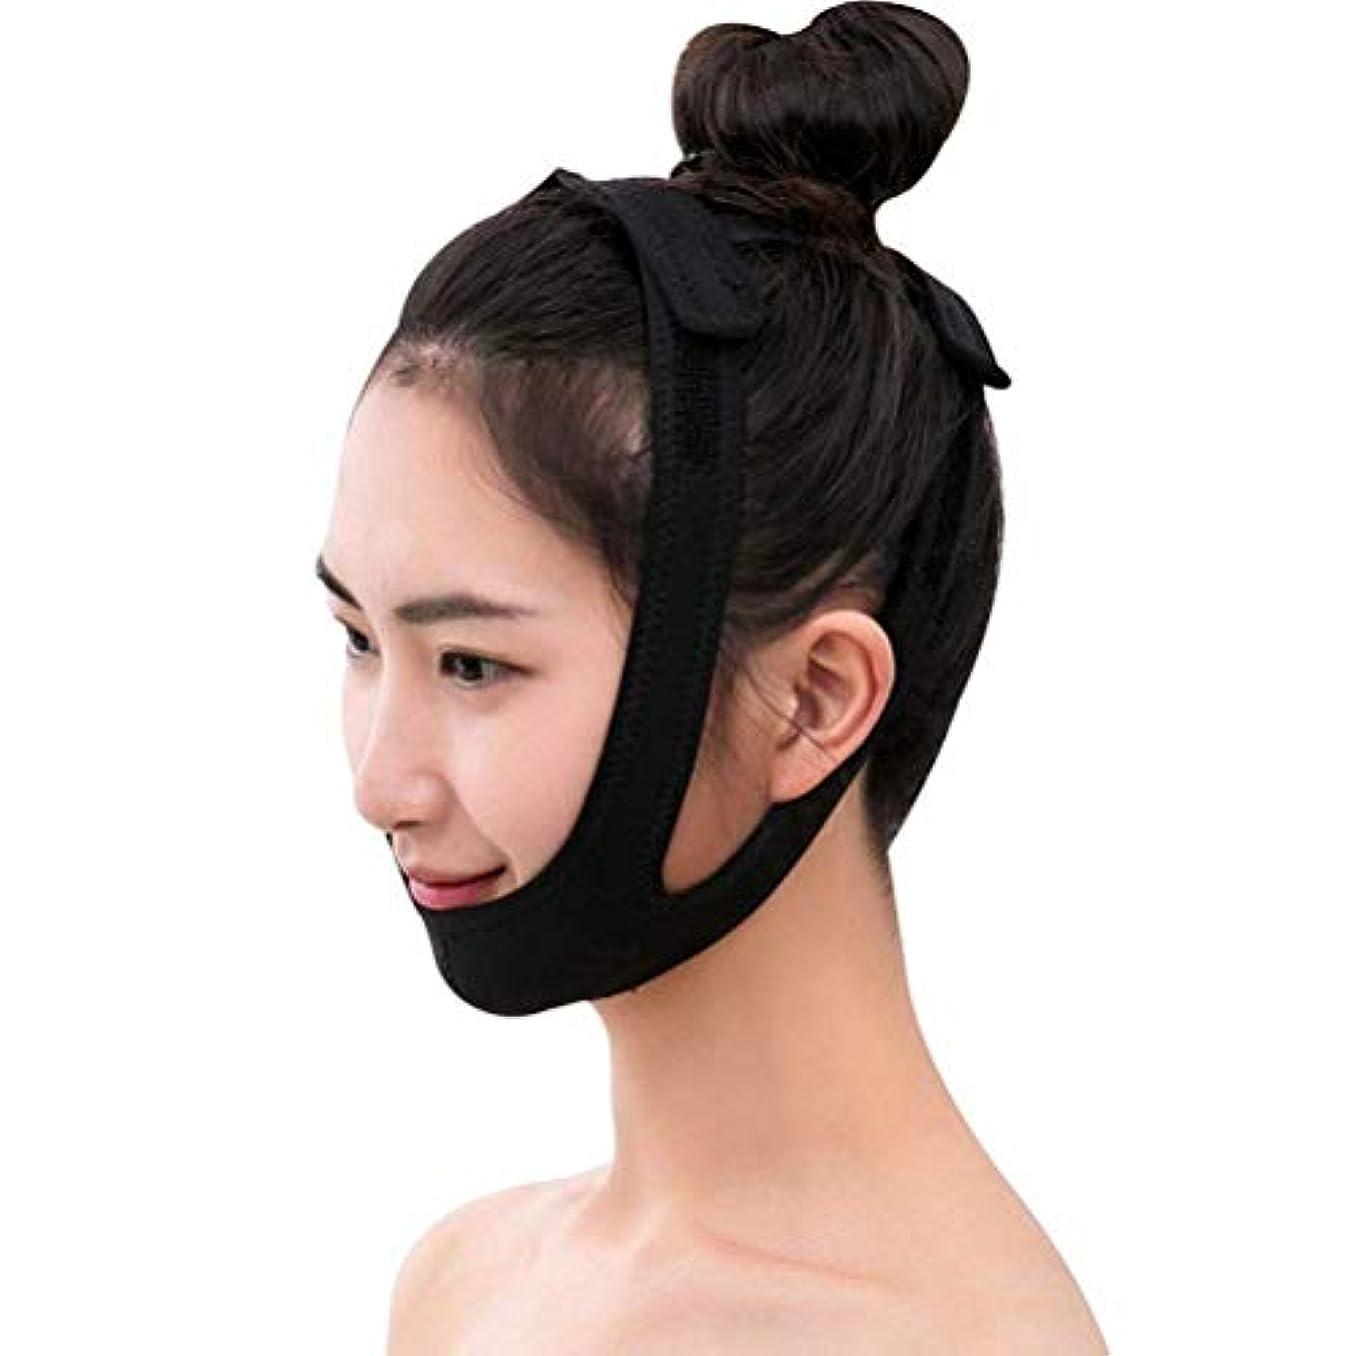 デンマーク語メロディアス指導するフェイスリフティングマスク、フェイスリフティング包帯V字型マスク/整形およびリフト/二重あごベルト/美容マスクフェイスリフト/縮小二重あご包帯/顔面矯正ベルト